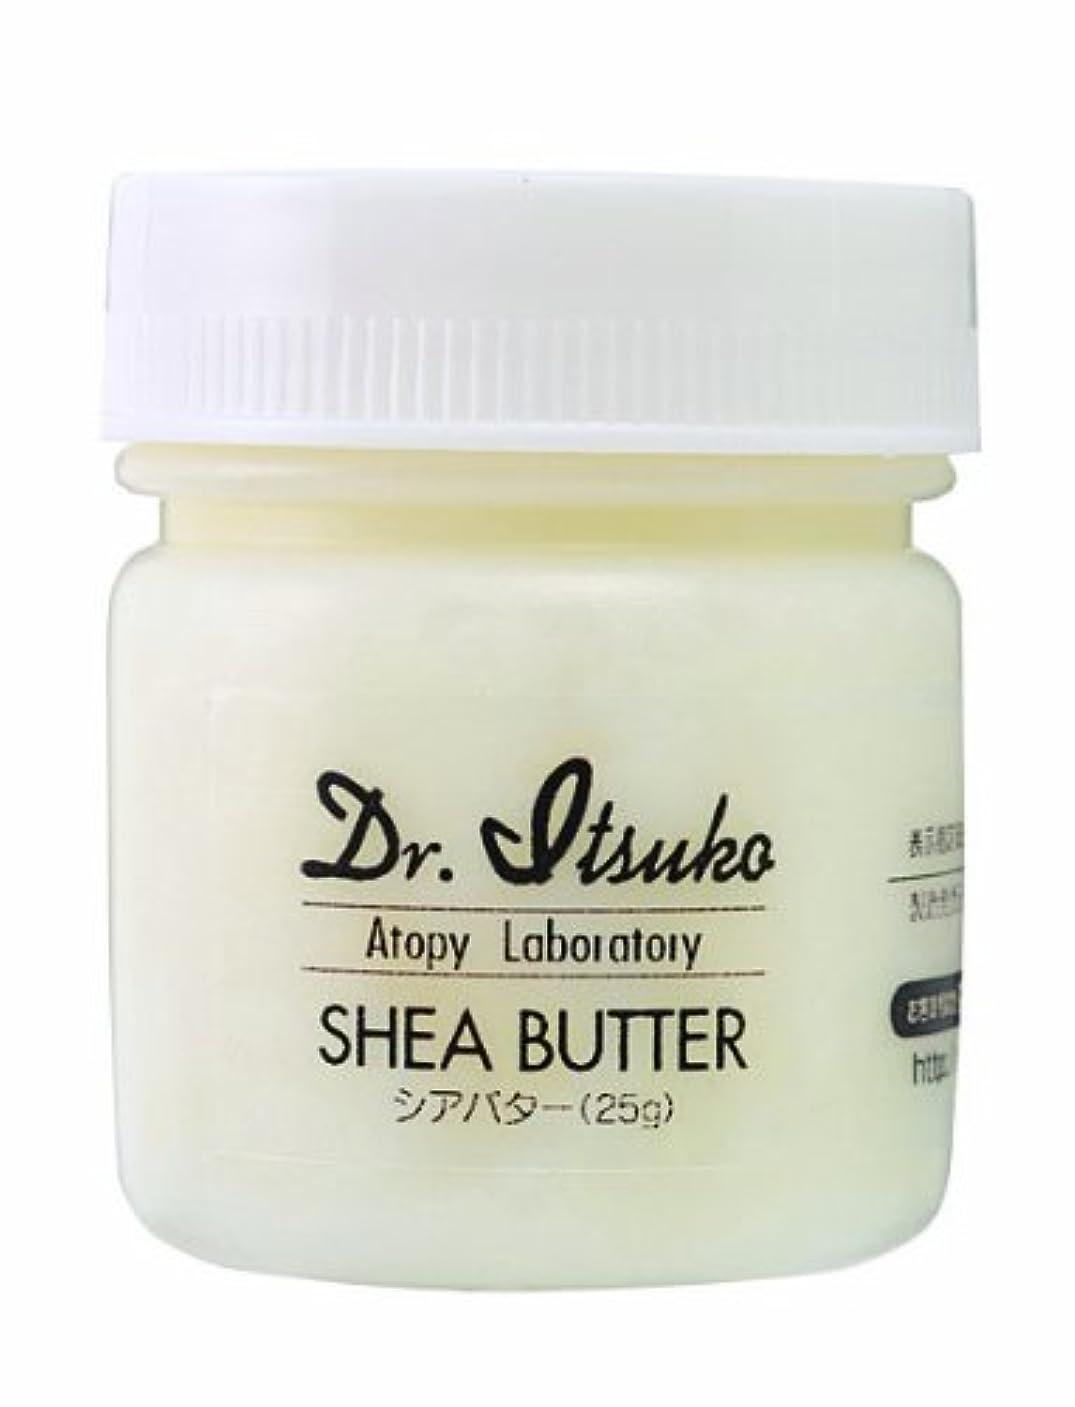 すばらしいです薬パキスタン人Dr.Itsuko オーガニックシアバター 25ml